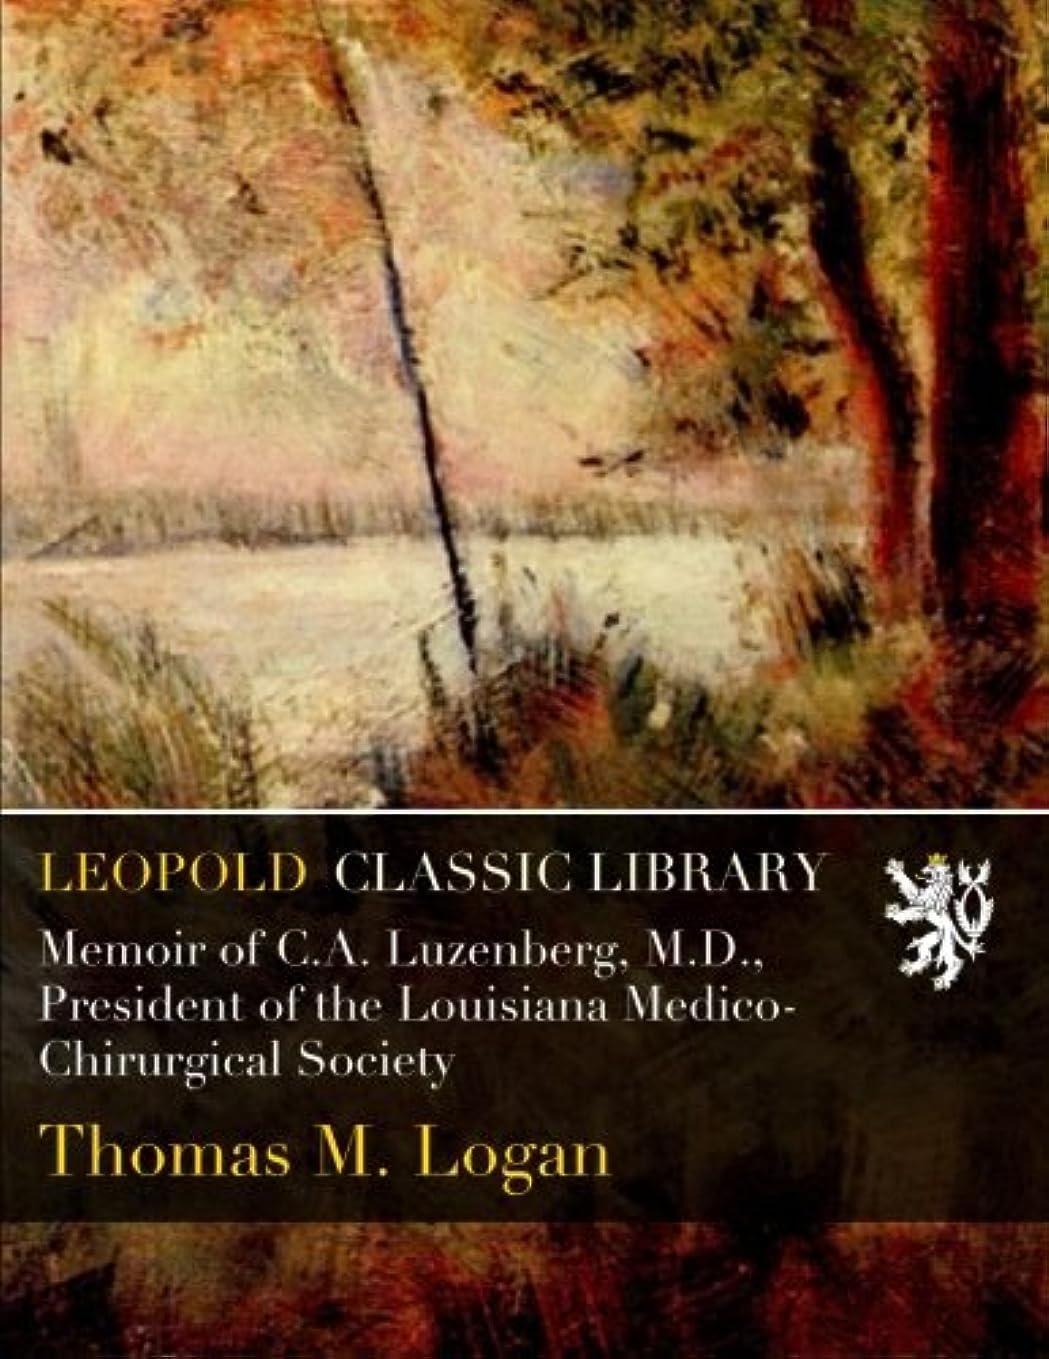 居間サイトライン抵当Memoir of C.A. Luzenberg, M.D., President of the Louisiana Medico-Chirurgical Society